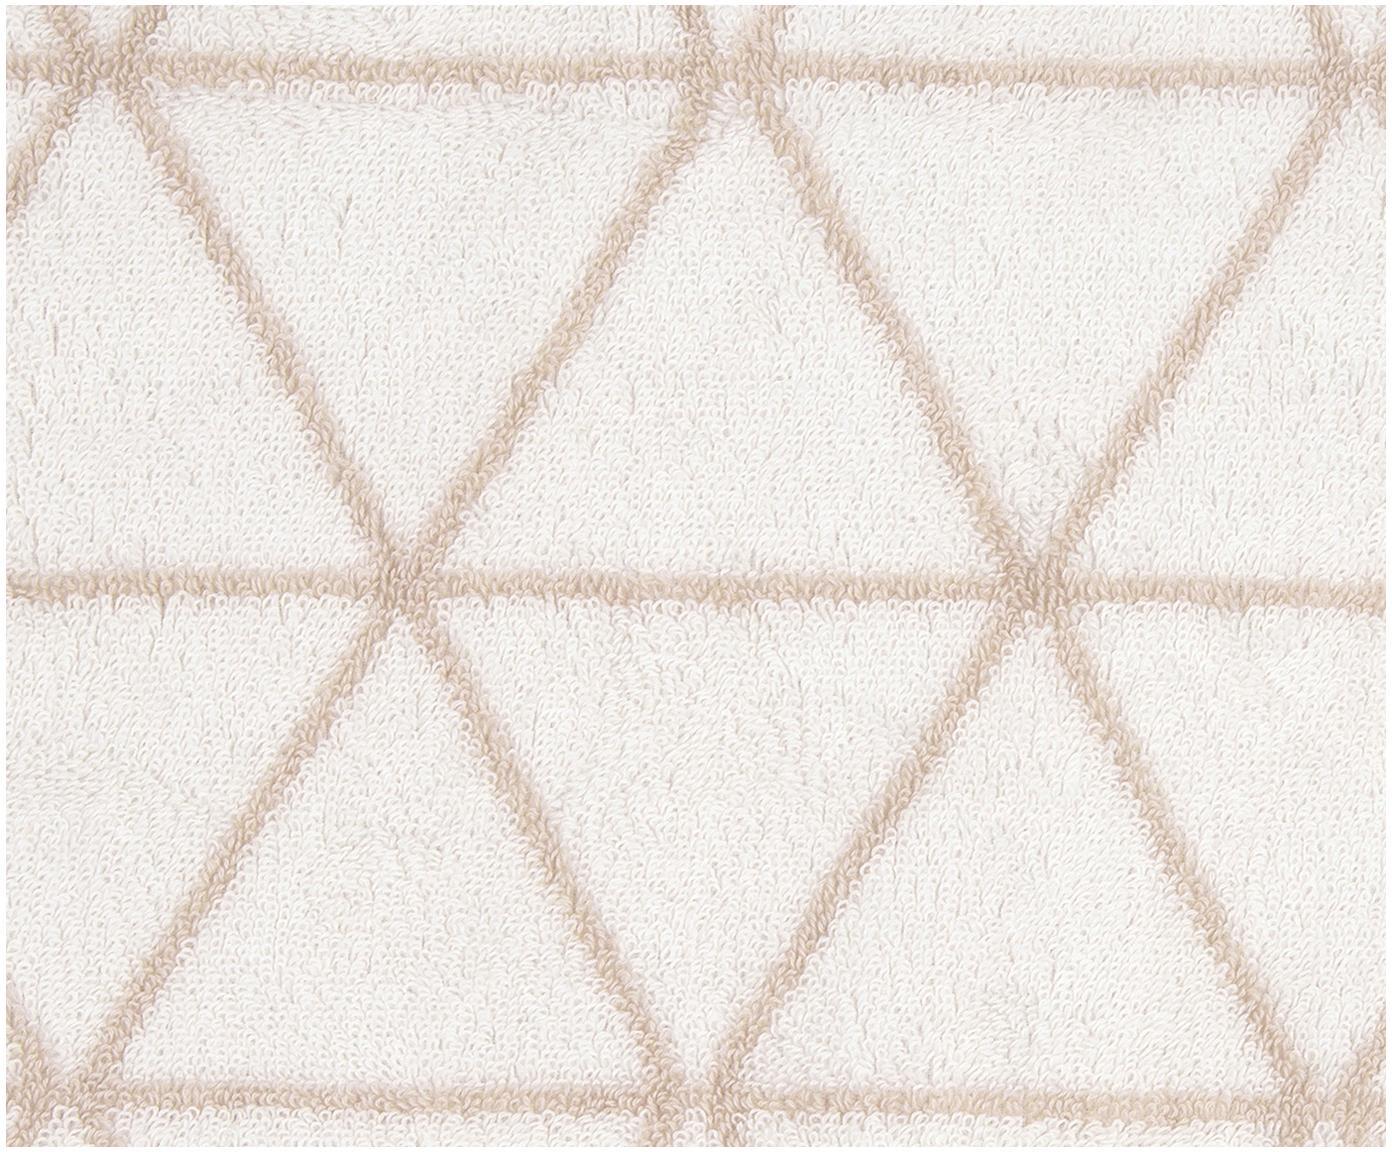 Komplet dwustronnych ręczników Elina, 3 elem., 100% bawełna Średnia gramatura 550 g/m², Odcienie piaskowego, kremowobiały, Różne rozmiary